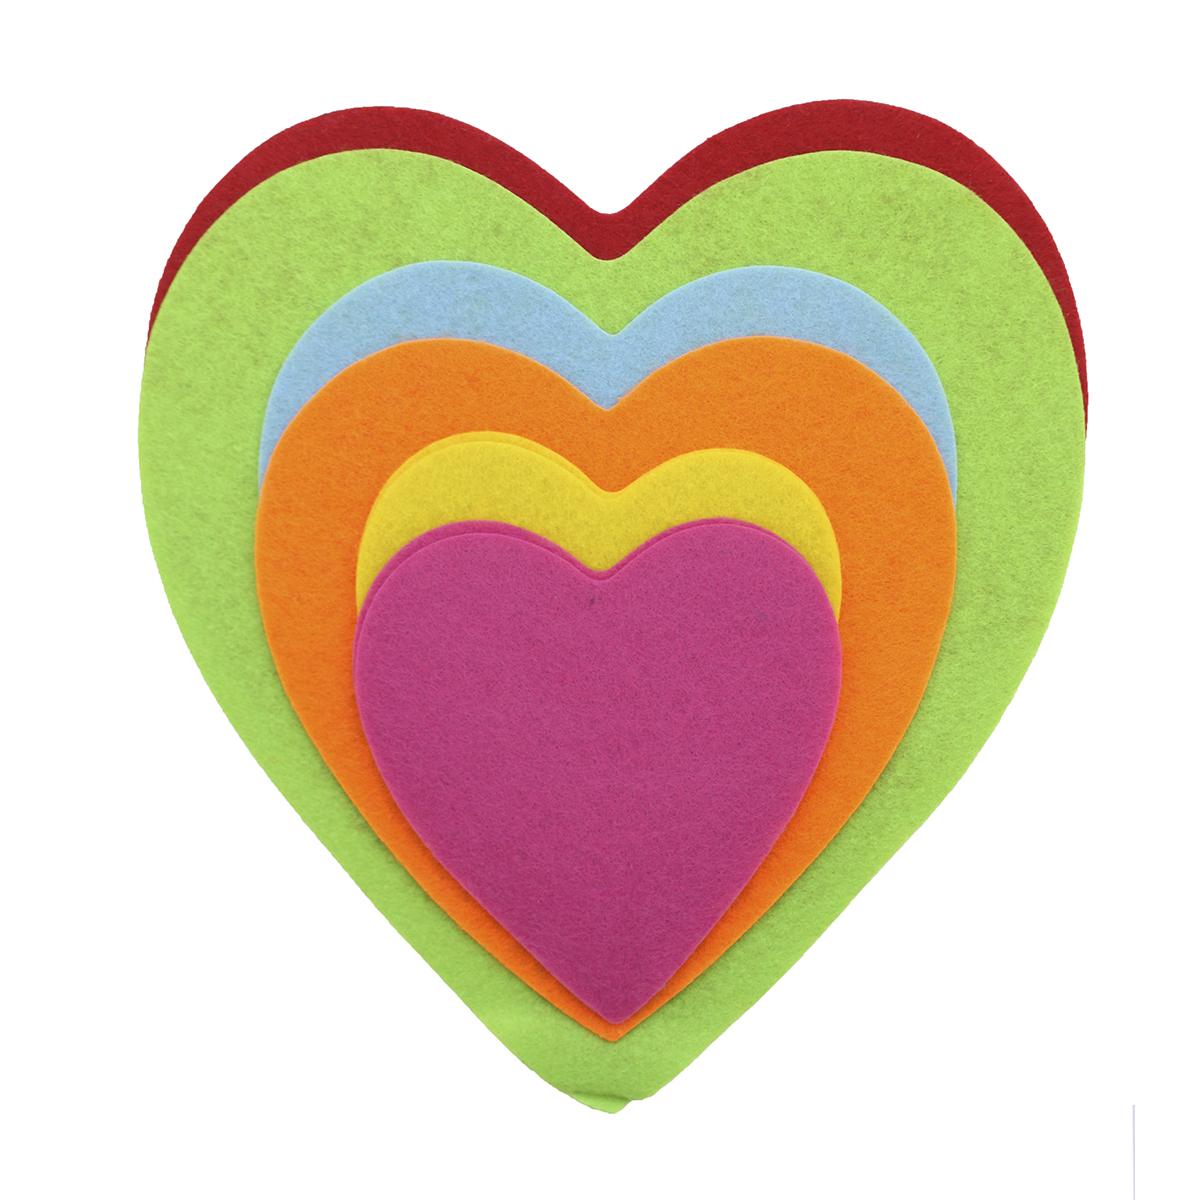 Фетр для творчества Glorex Сердце большое, 8 штSS 4041Фетр для творчества Glorex Сердце большое изготовлен из 100% полиэстера. Фетр является отличным материалом для декора и флористики. Используется для изготовления открыток ручной работы и скрап-страничек, для созданиябижутерии и многого другого.